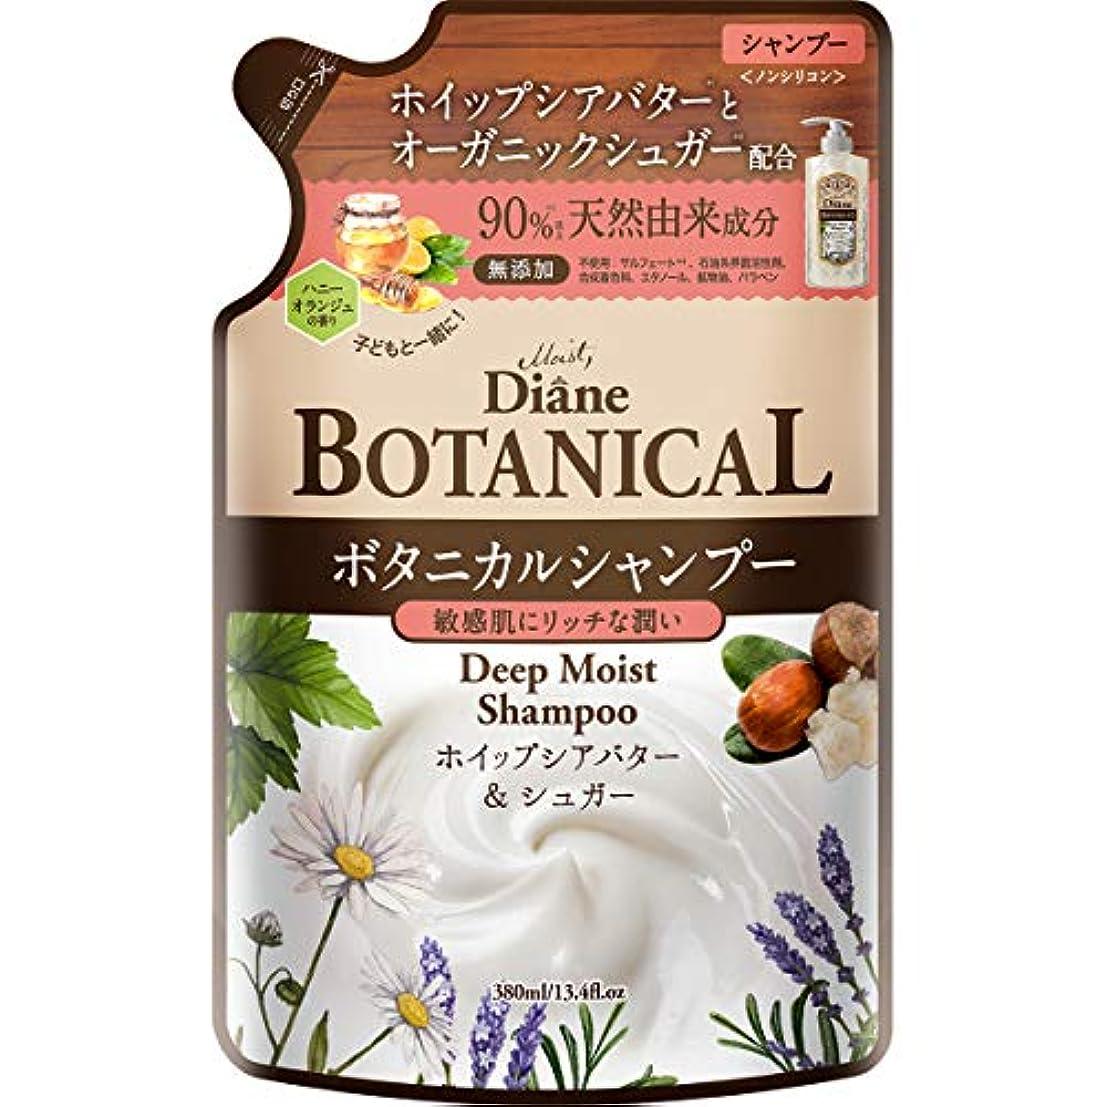 メリー石鹸広告ダイアンボタニカル シャンプー ディープモイスト詰め替え 380ml